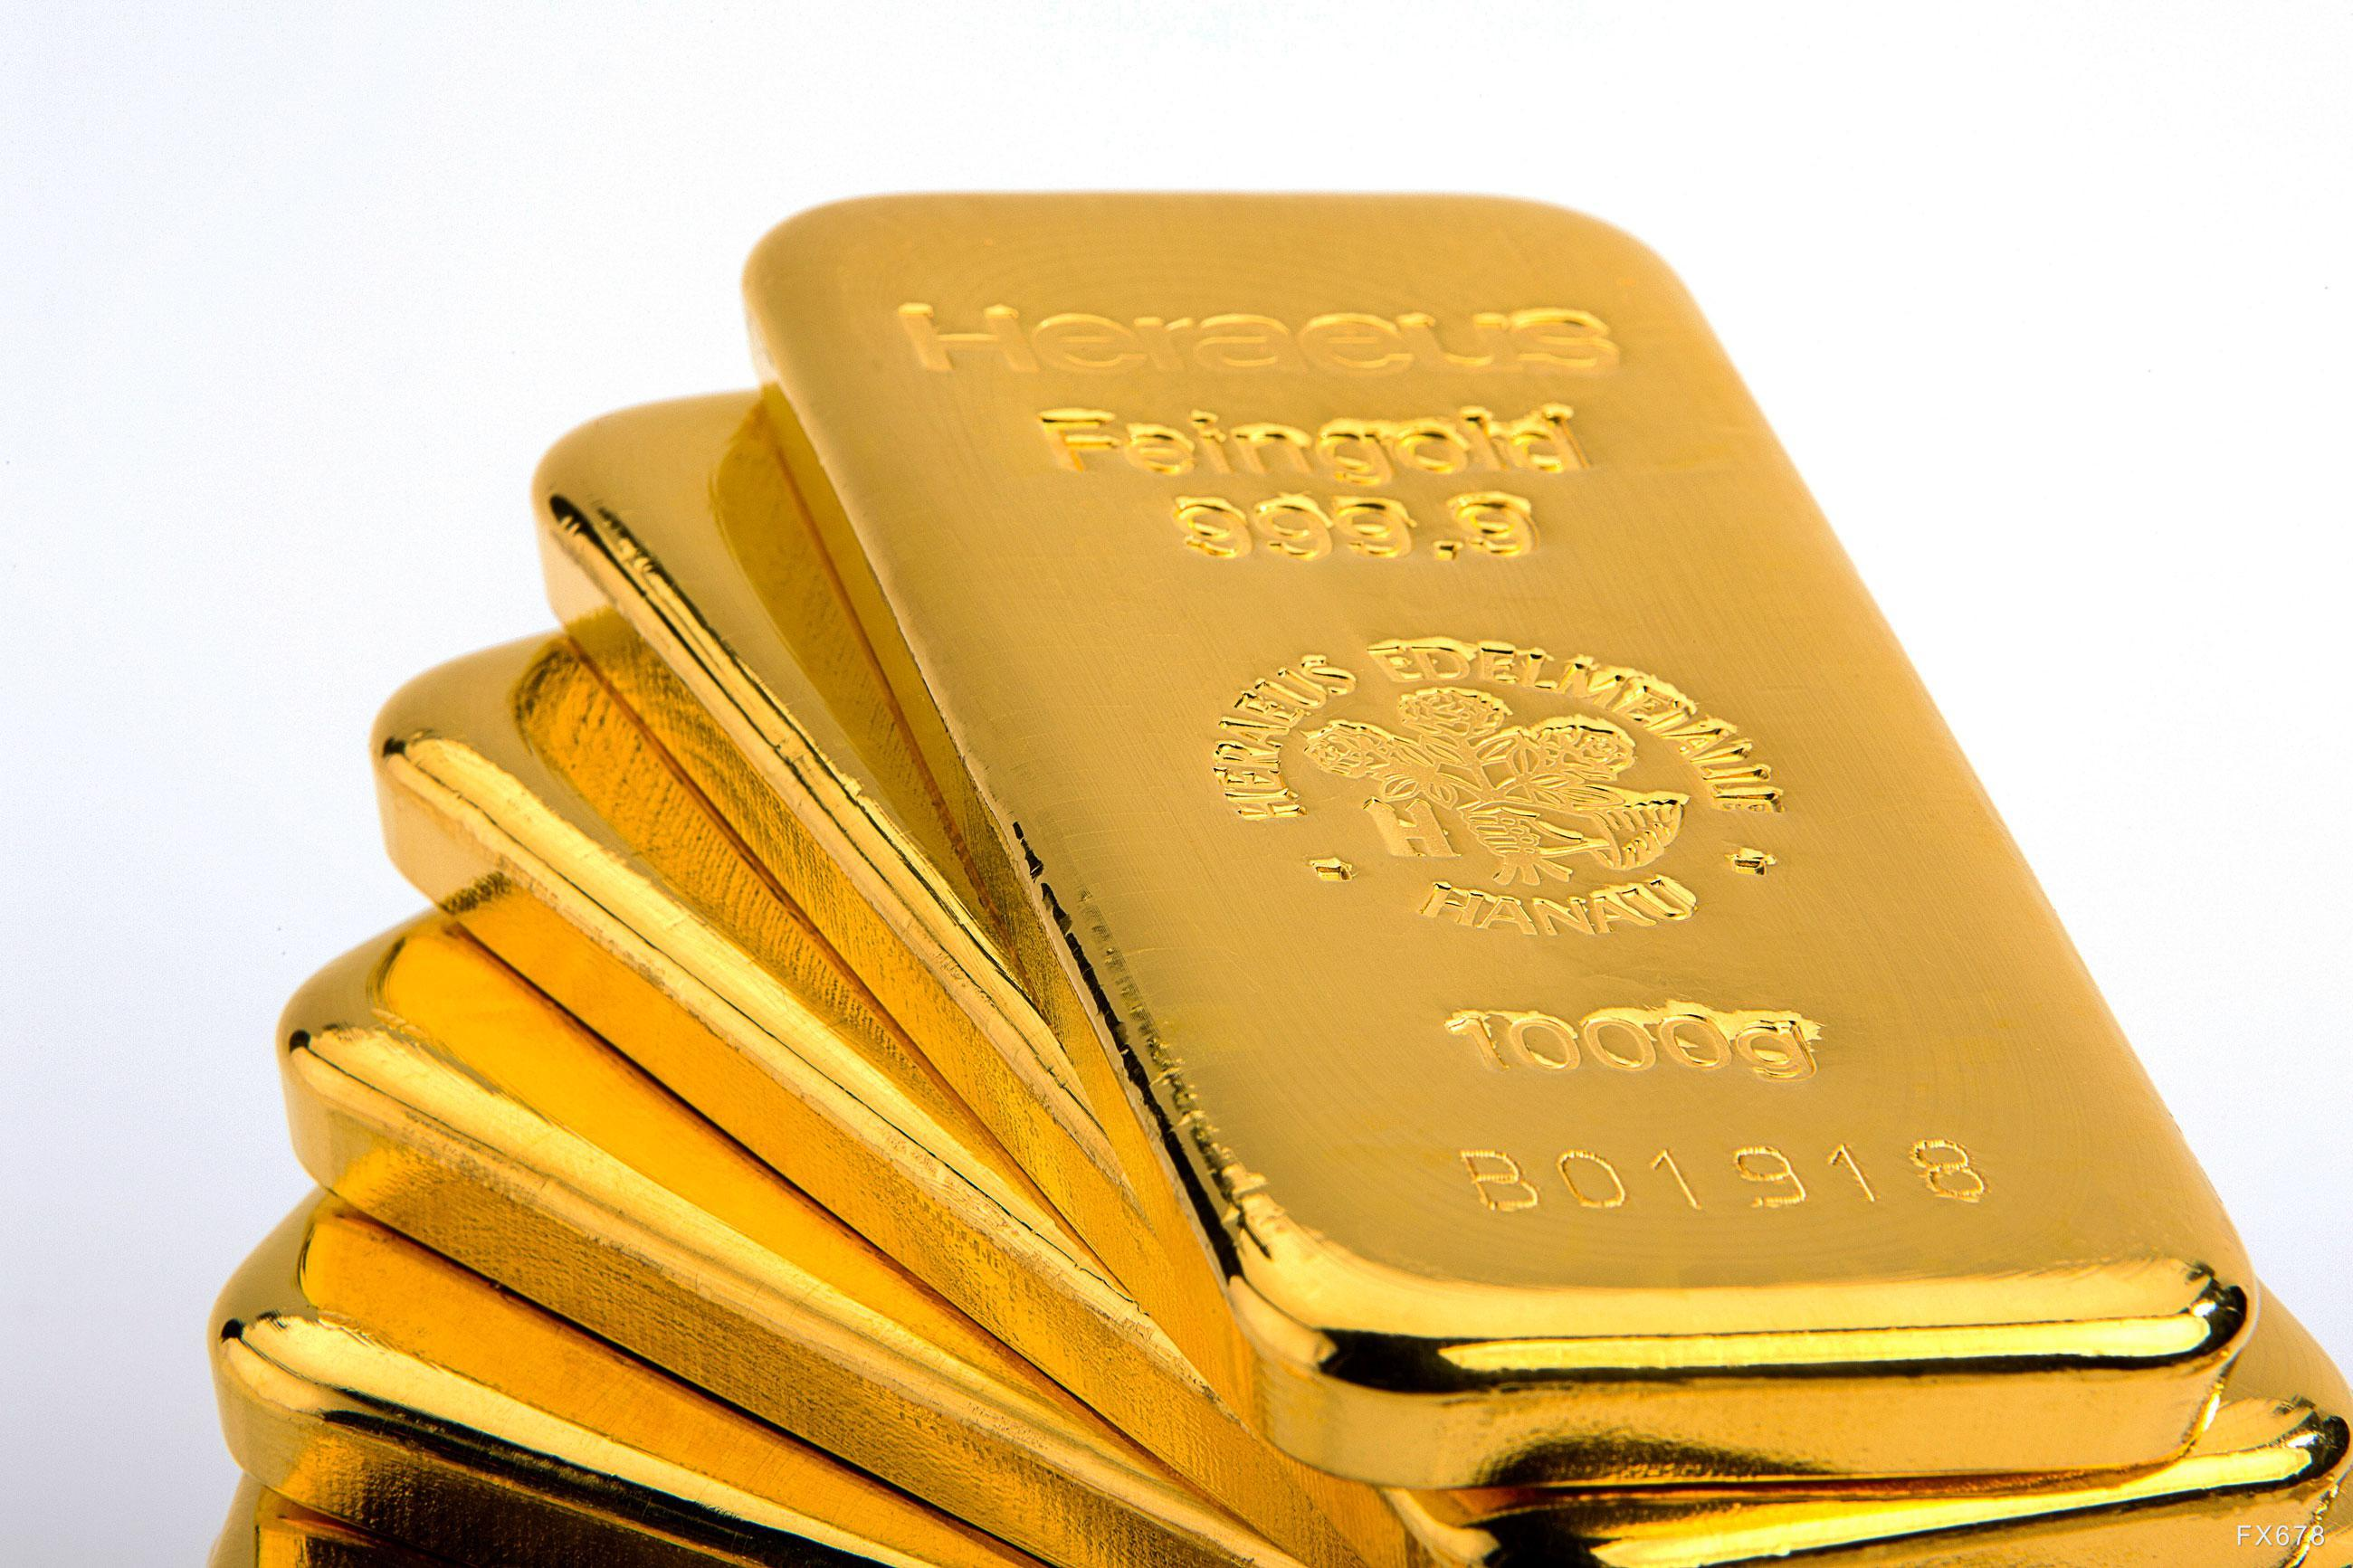 澳门体育比分9月9日黄金交易策略:金价跌势难改,但需警惕欧银决议